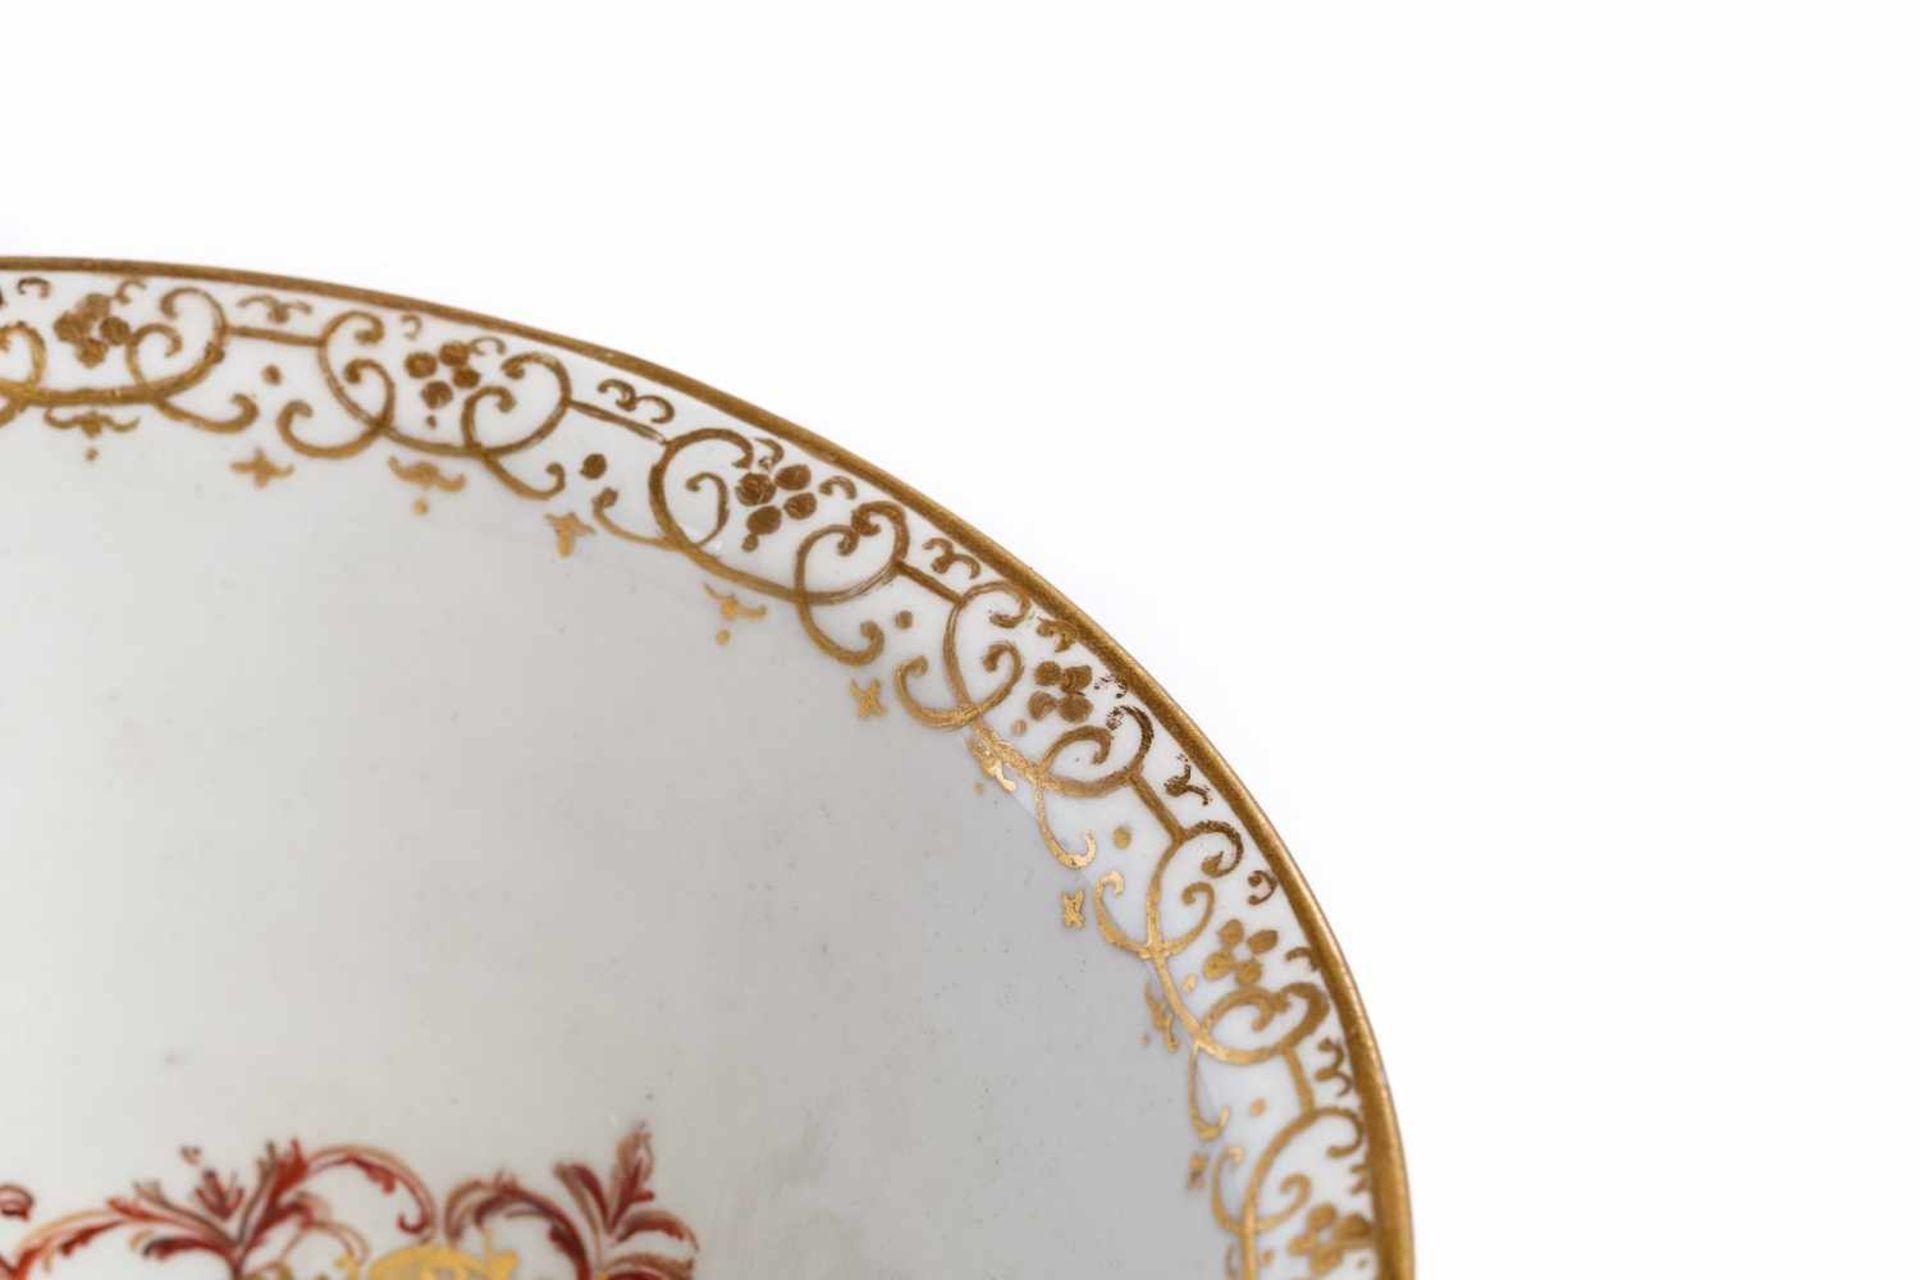 Kumme, Meissen 1723/25 - Bild 3 aus 4